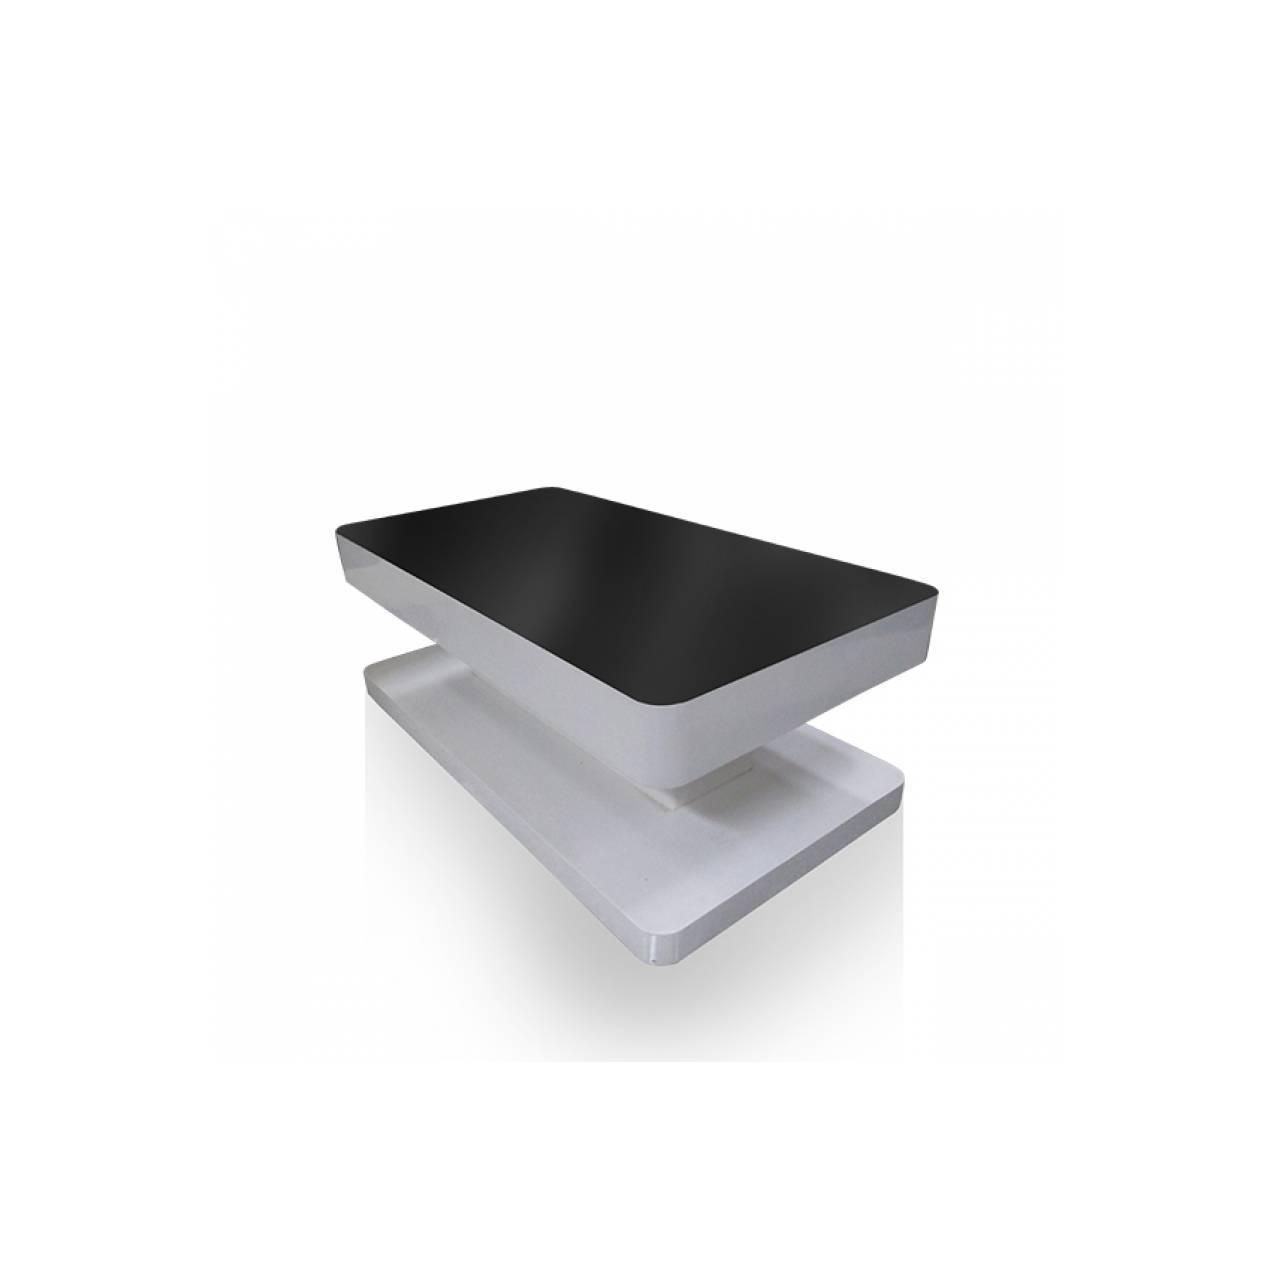 Meja Tamu Persegi Panjang Multiplek LD 03 - Putih Kombinasi Hitam